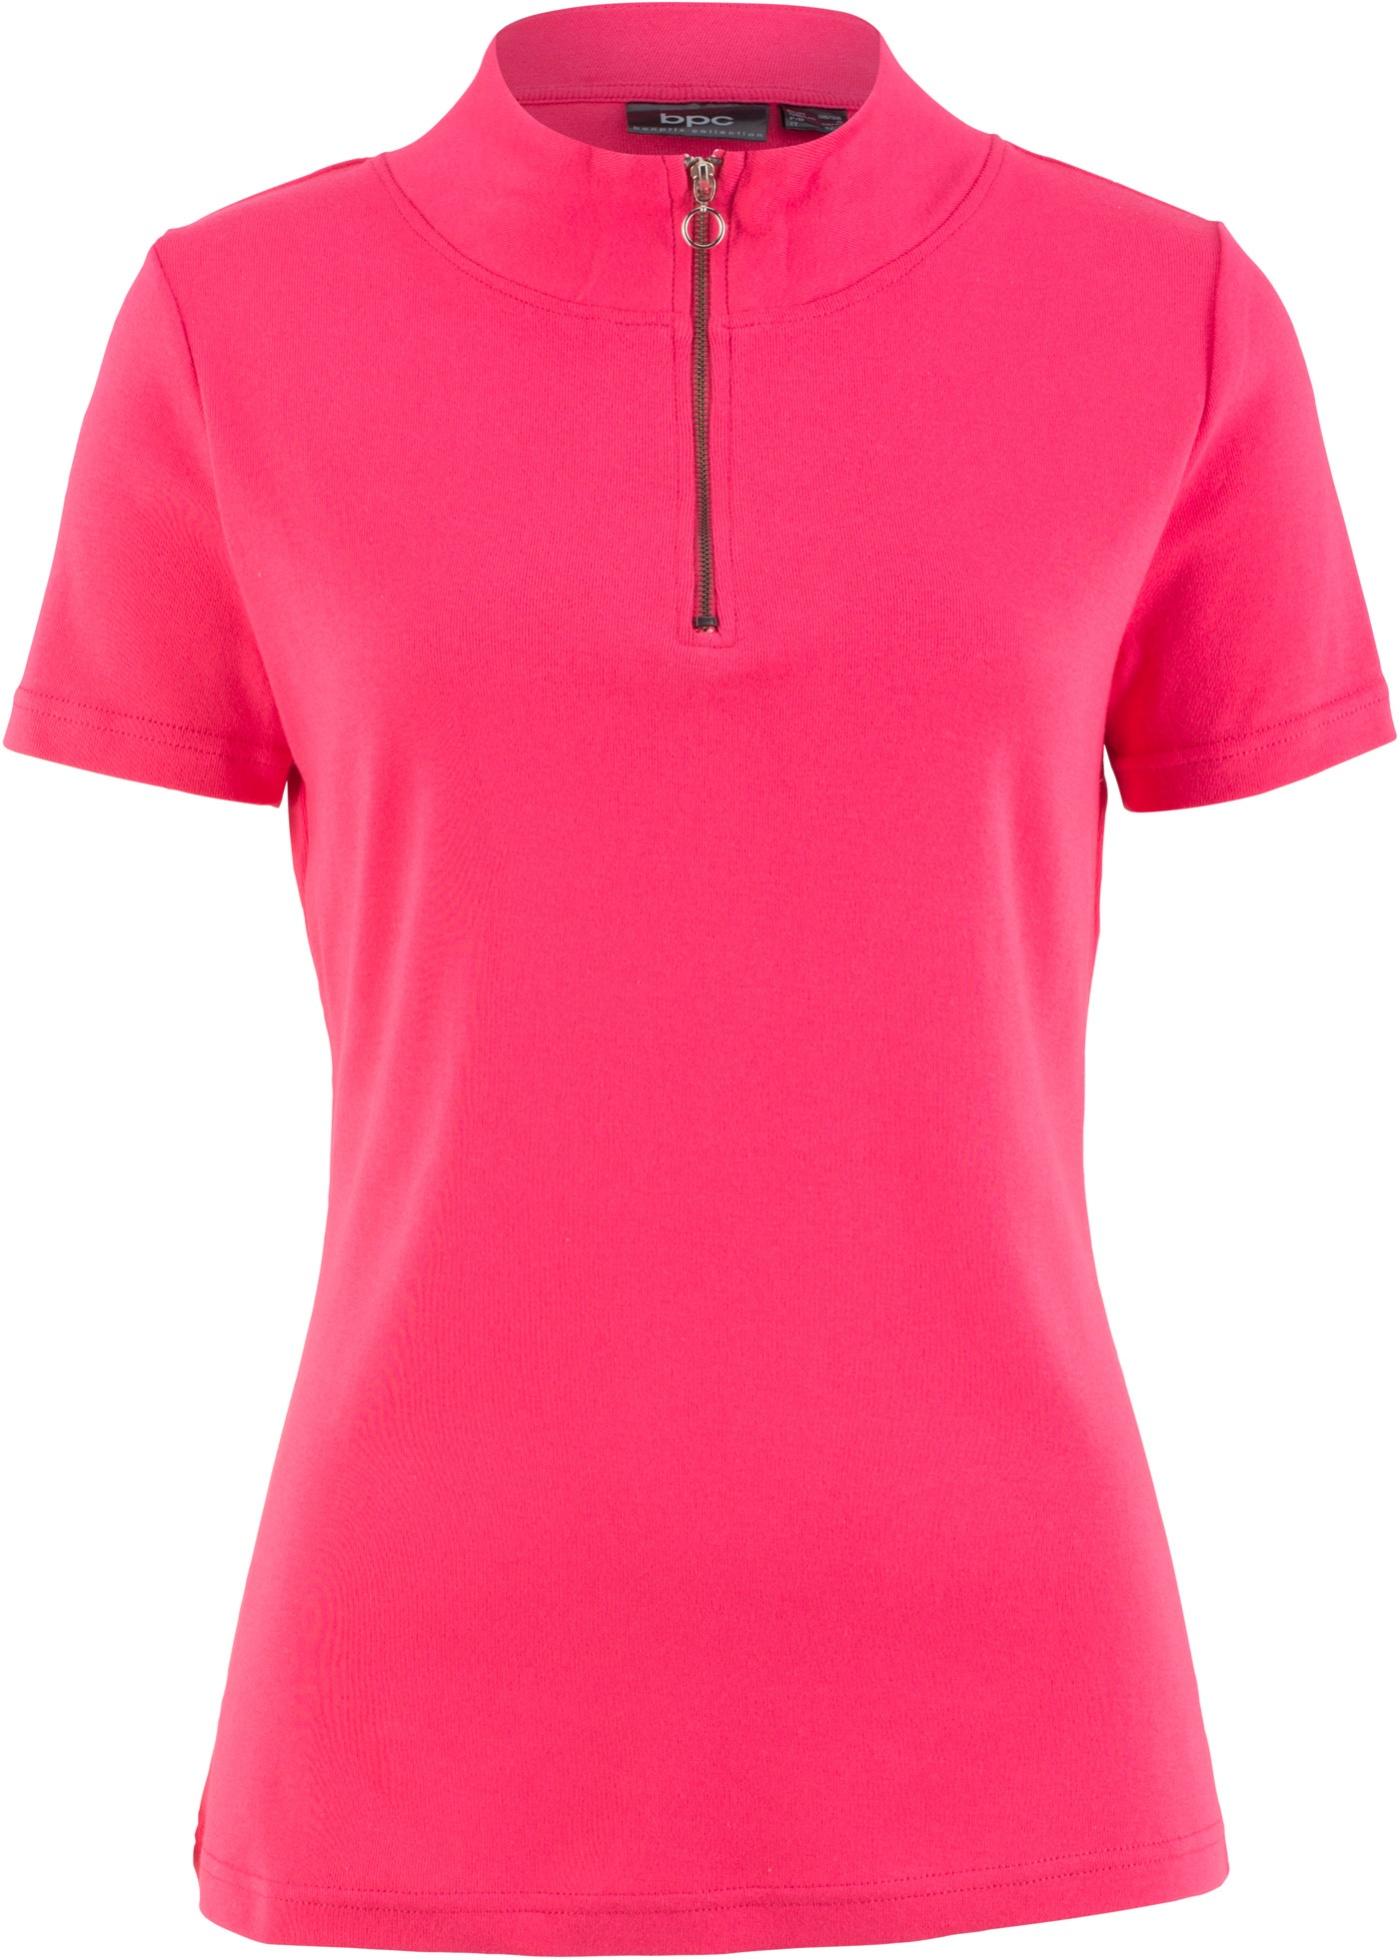 T-shirt côtelé manches courtes avec zip, 100% coton